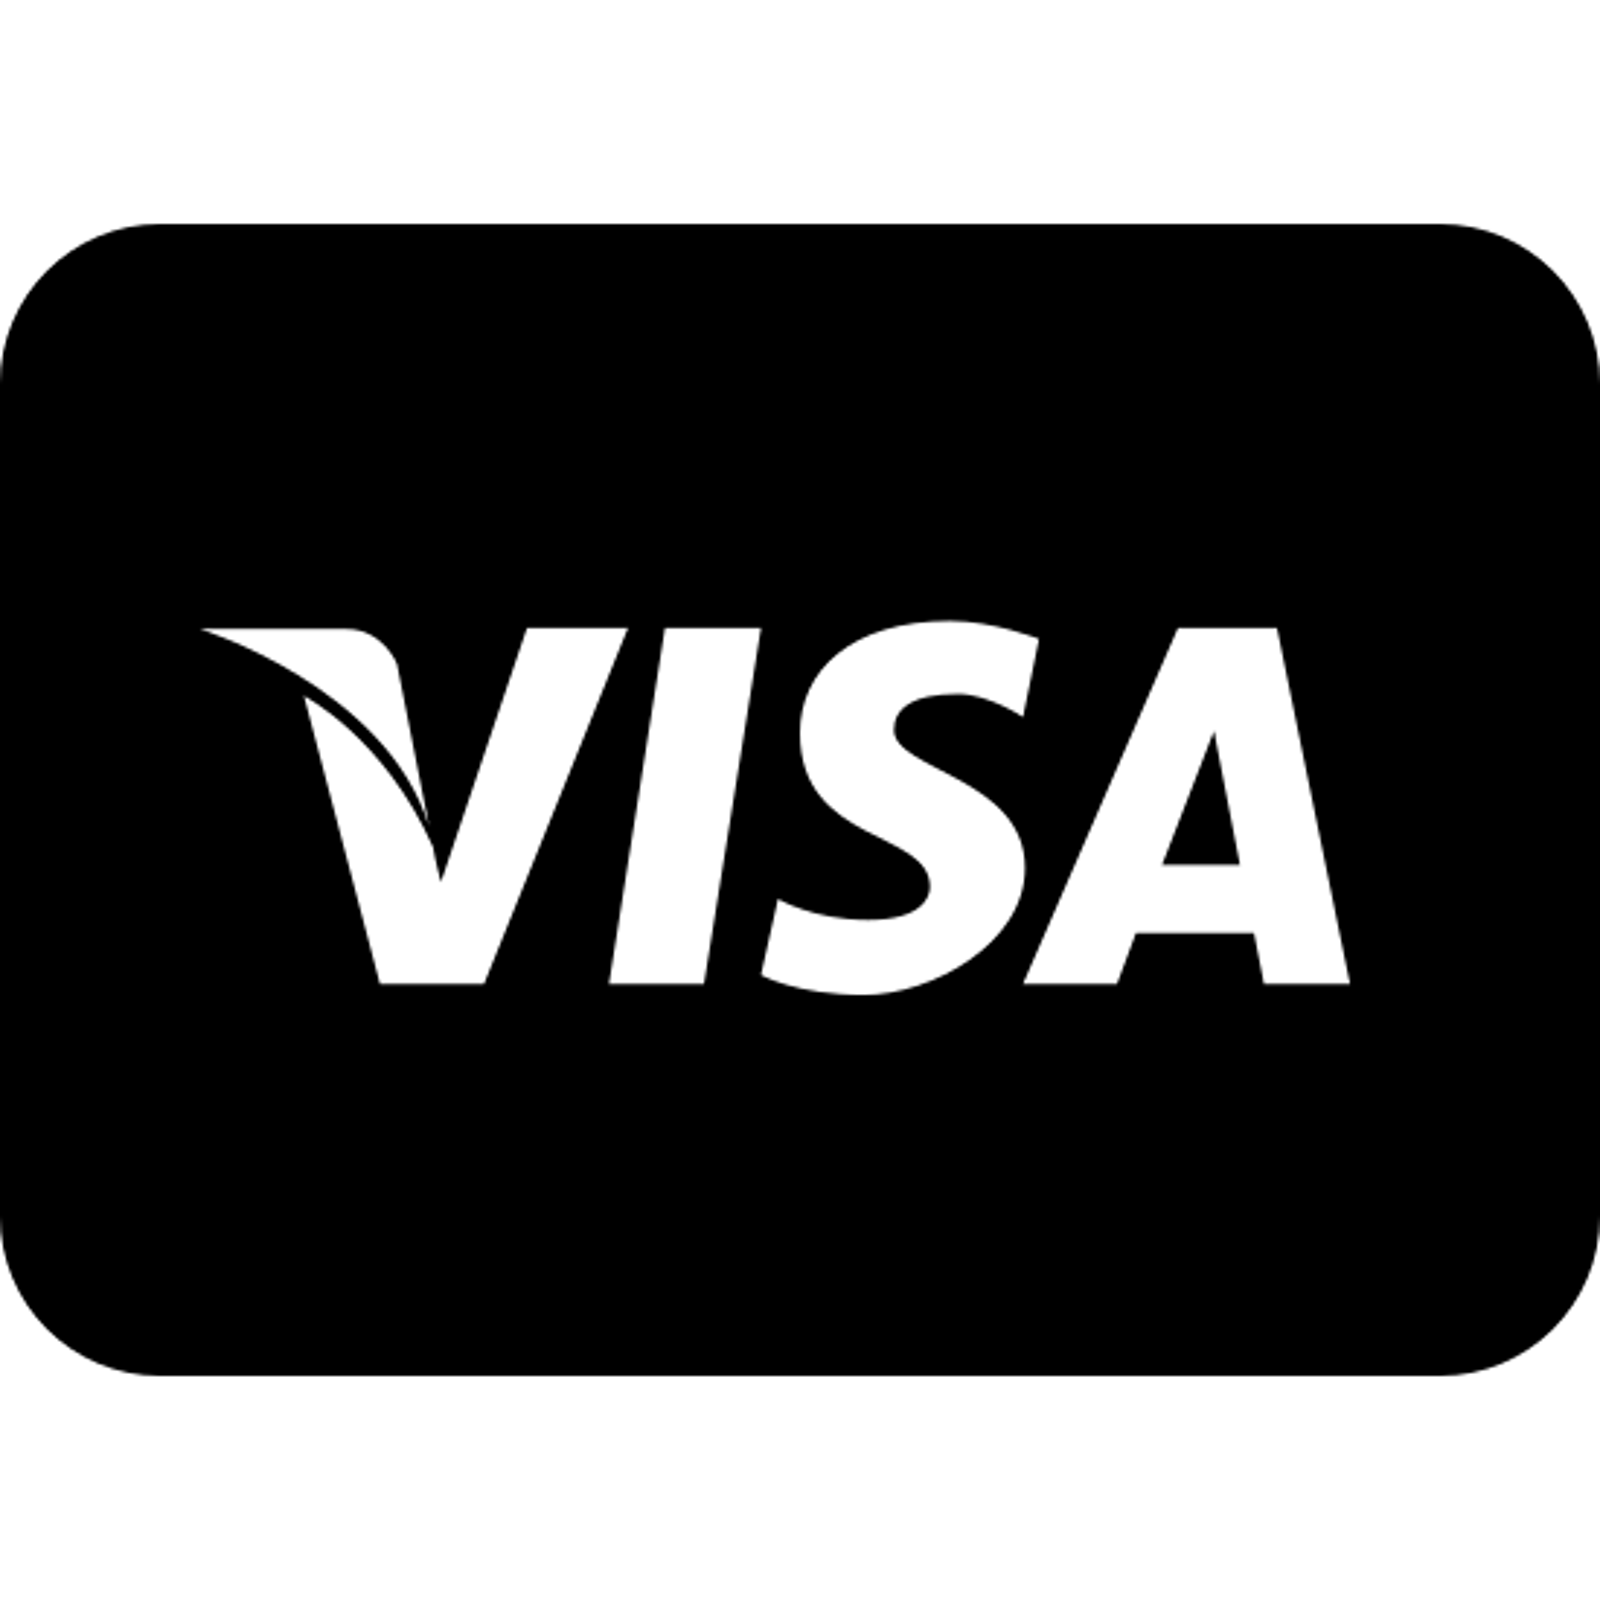 Visa Filled icon